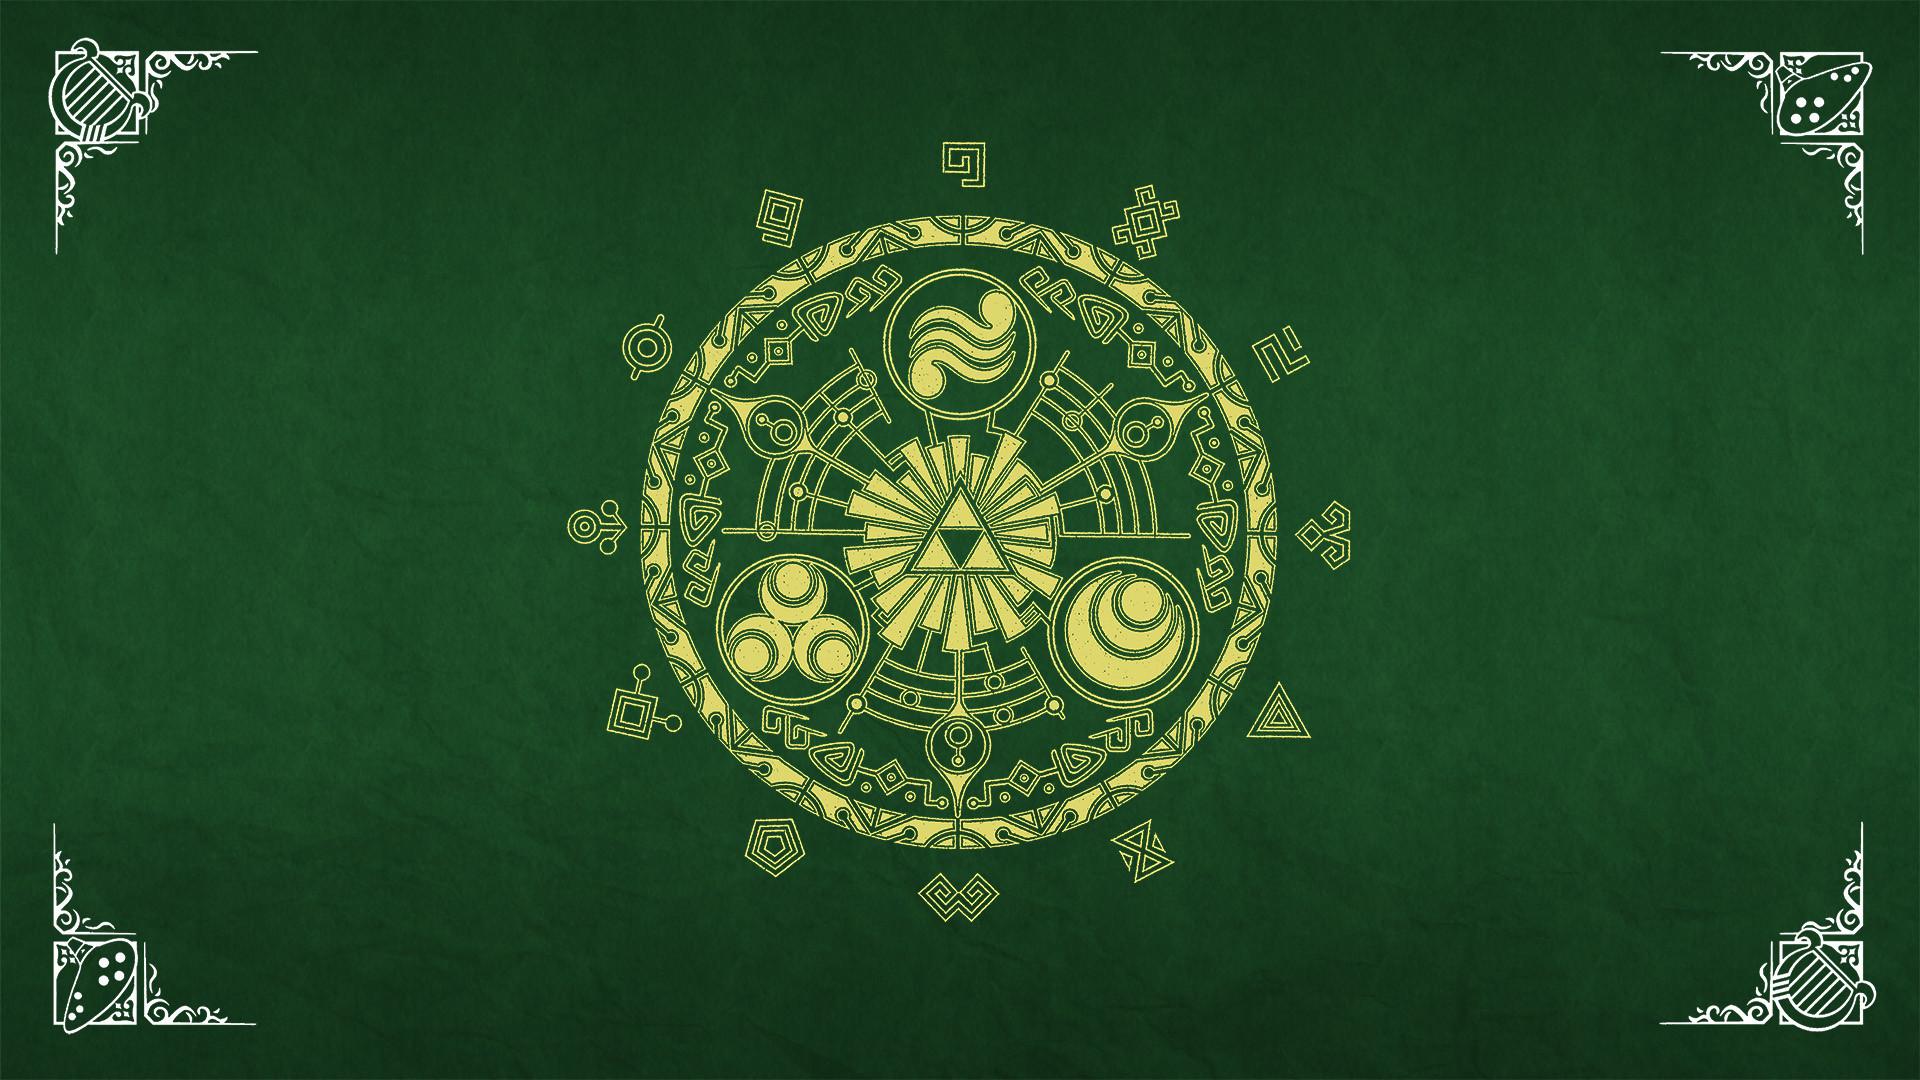 Legend Of Zelda Wallpapers Images For Desktop Wallpaper 1920 x 1080 px KB  majoras mask link midna wolf twilight princess iphone triforce